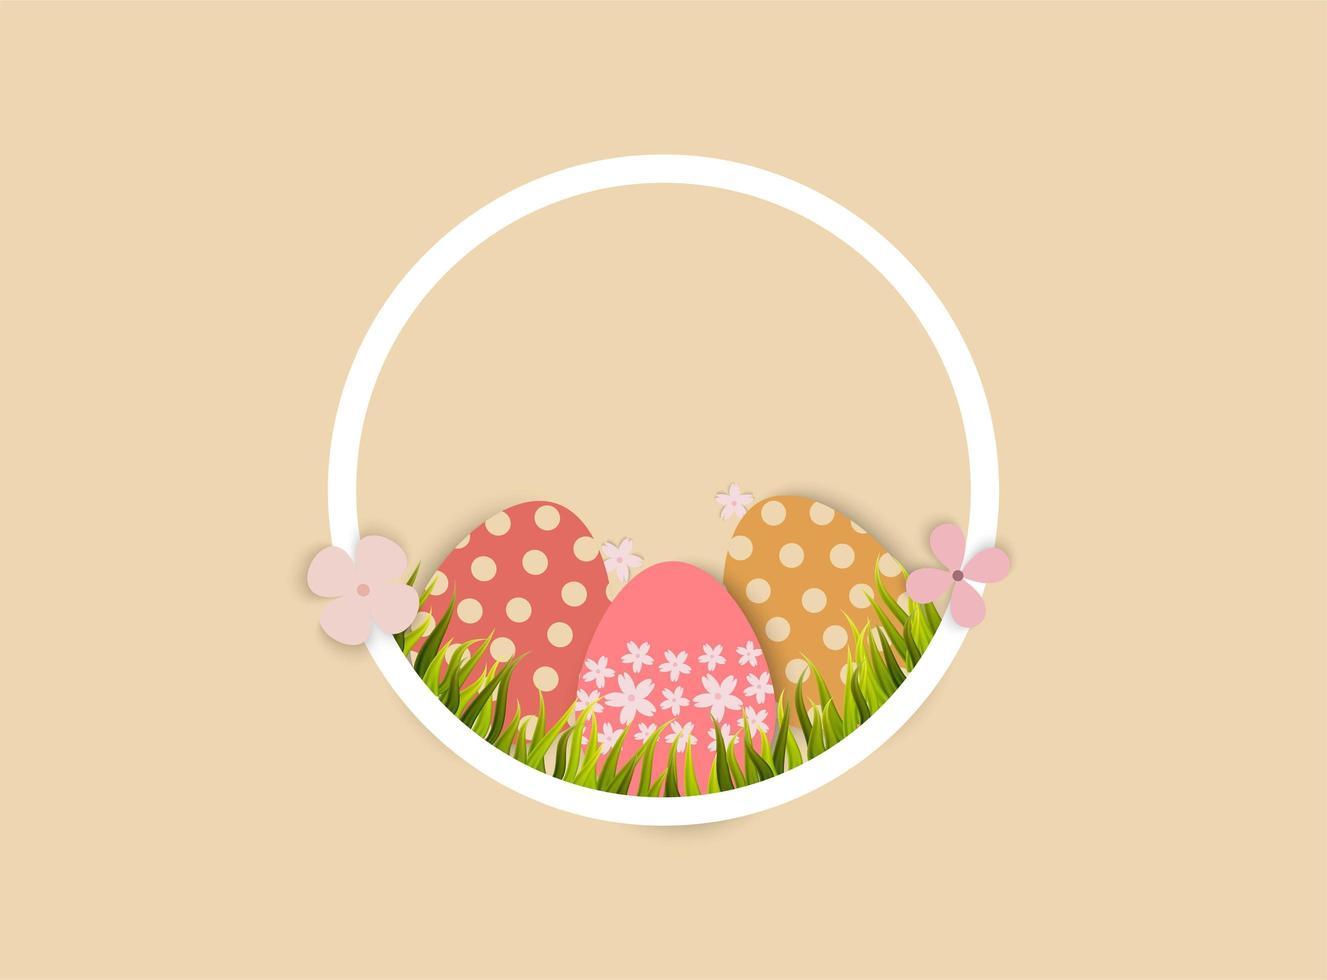 Oeufs de Pâques et herbe dans un cadre en forme de cercle vecteur